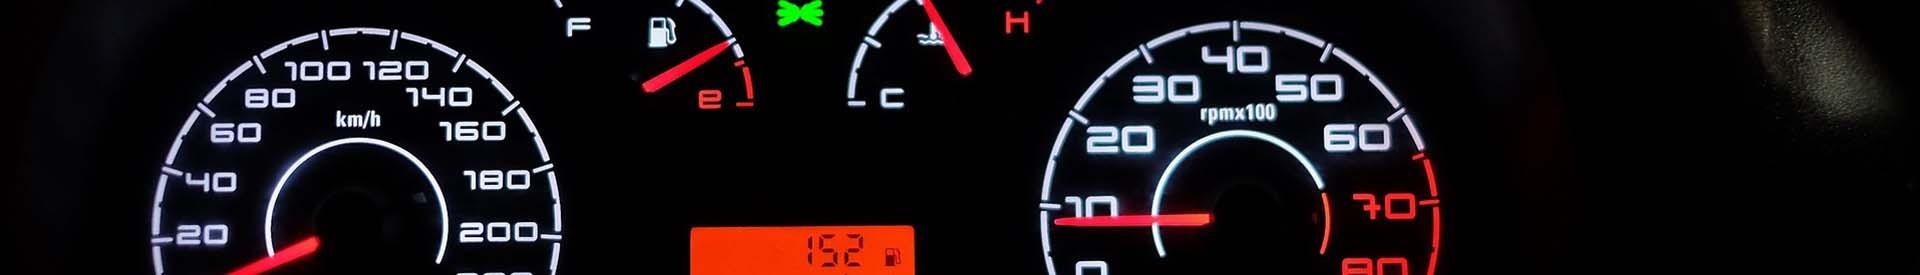 garage-auto-st-brevin-309